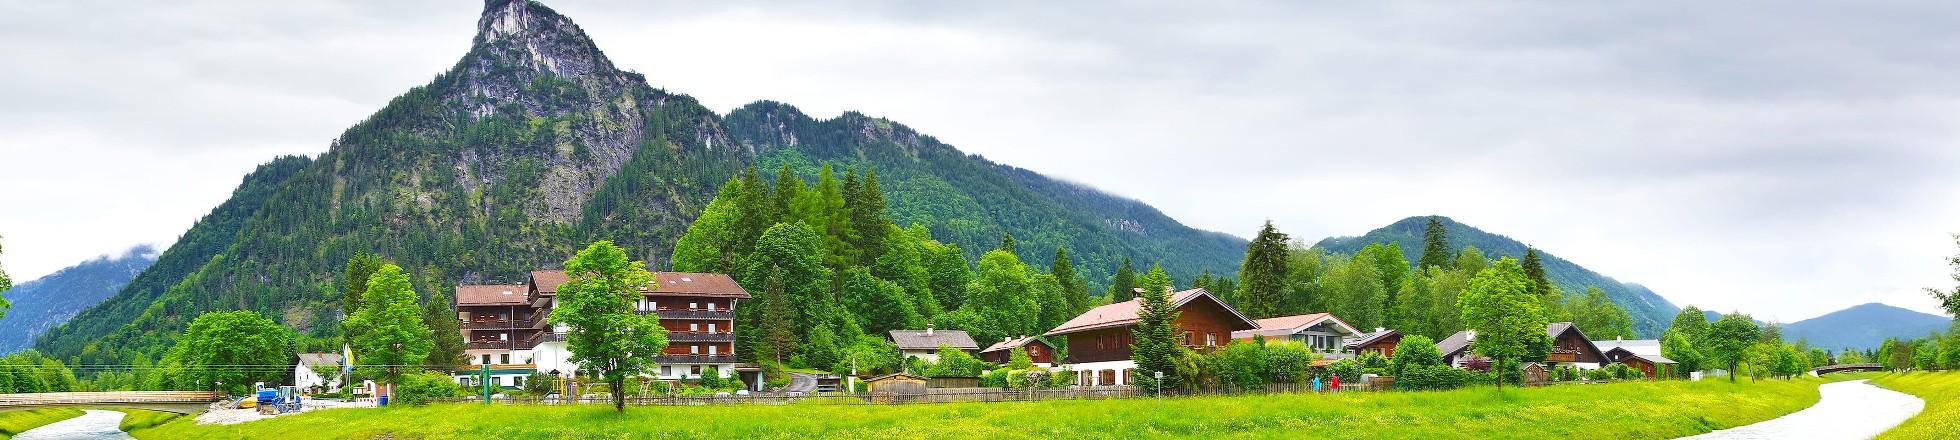 ferienwohnungen ferienh user in den ammergauer alpen mieten urlaub in den ammergauer alpen. Black Bedroom Furniture Sets. Home Design Ideas